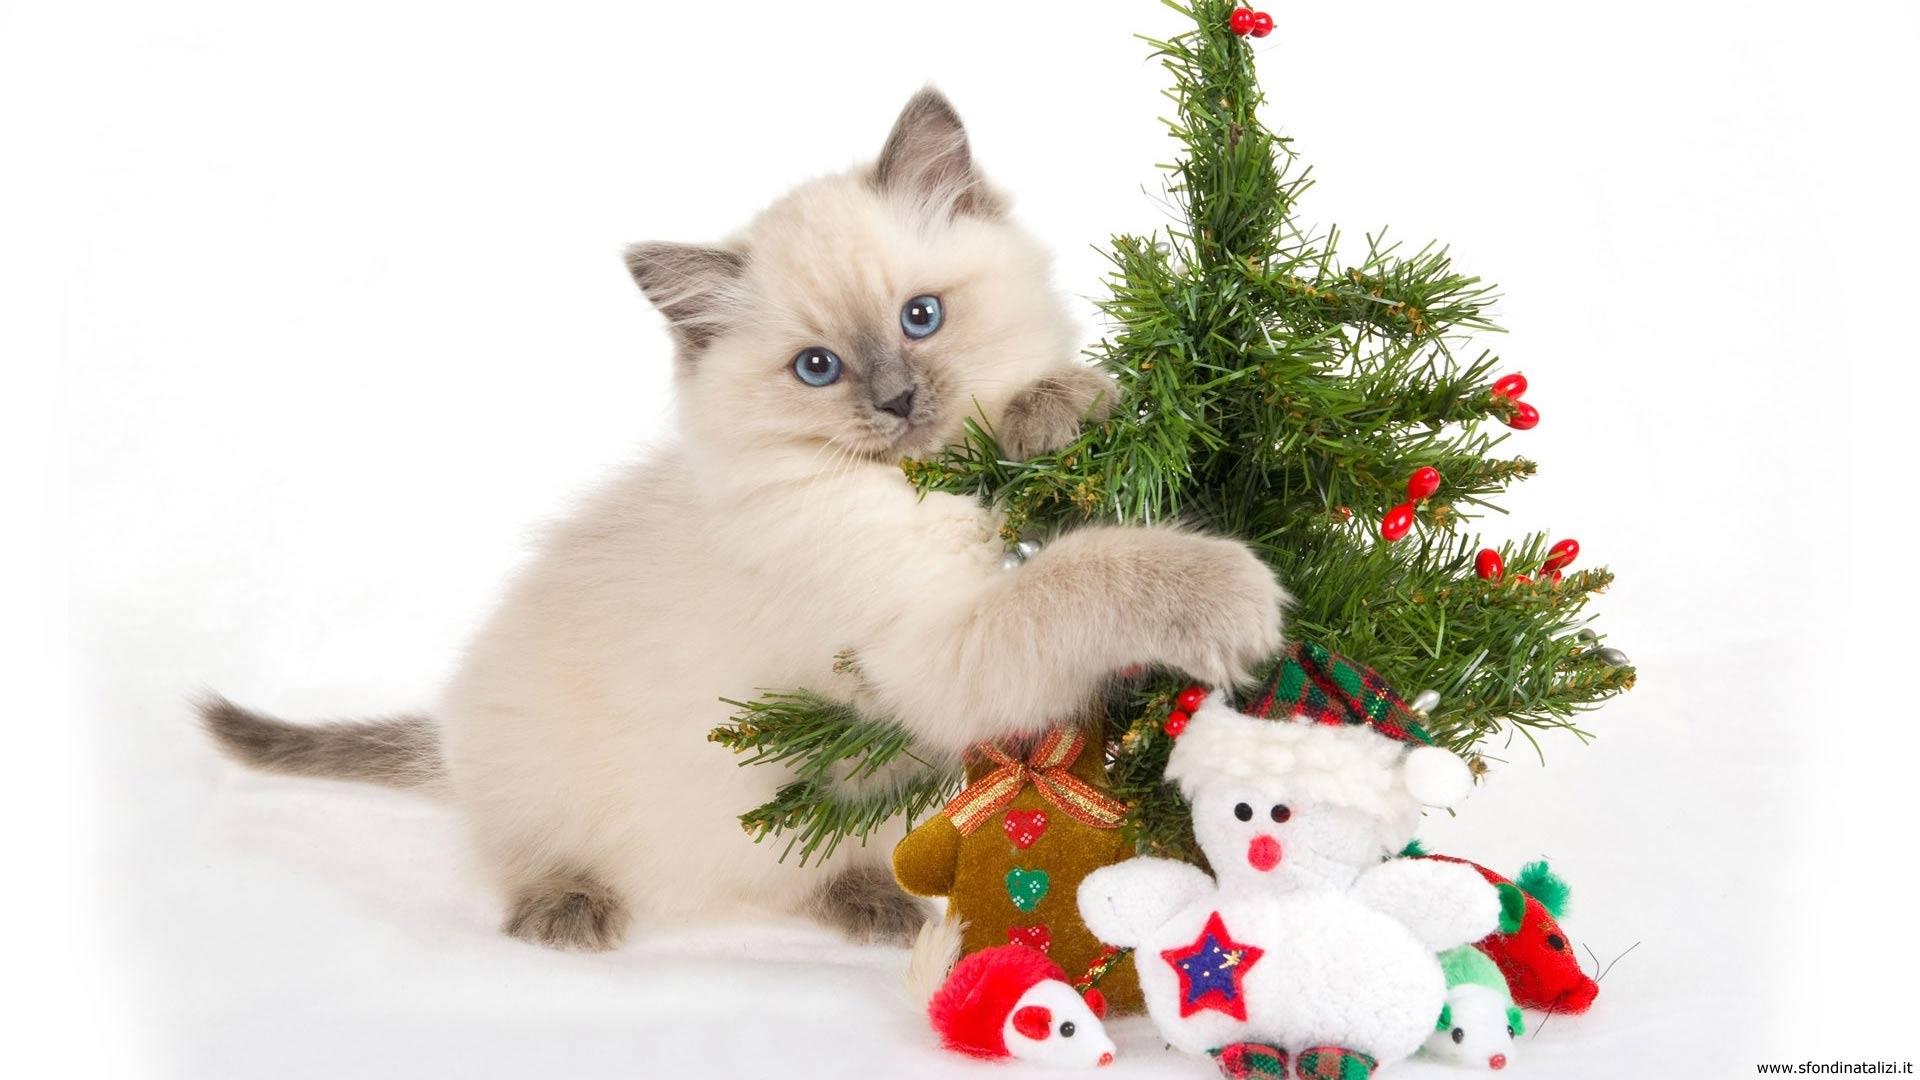 Sfondo Natalizio - Sfondo desktop Gattino Natale